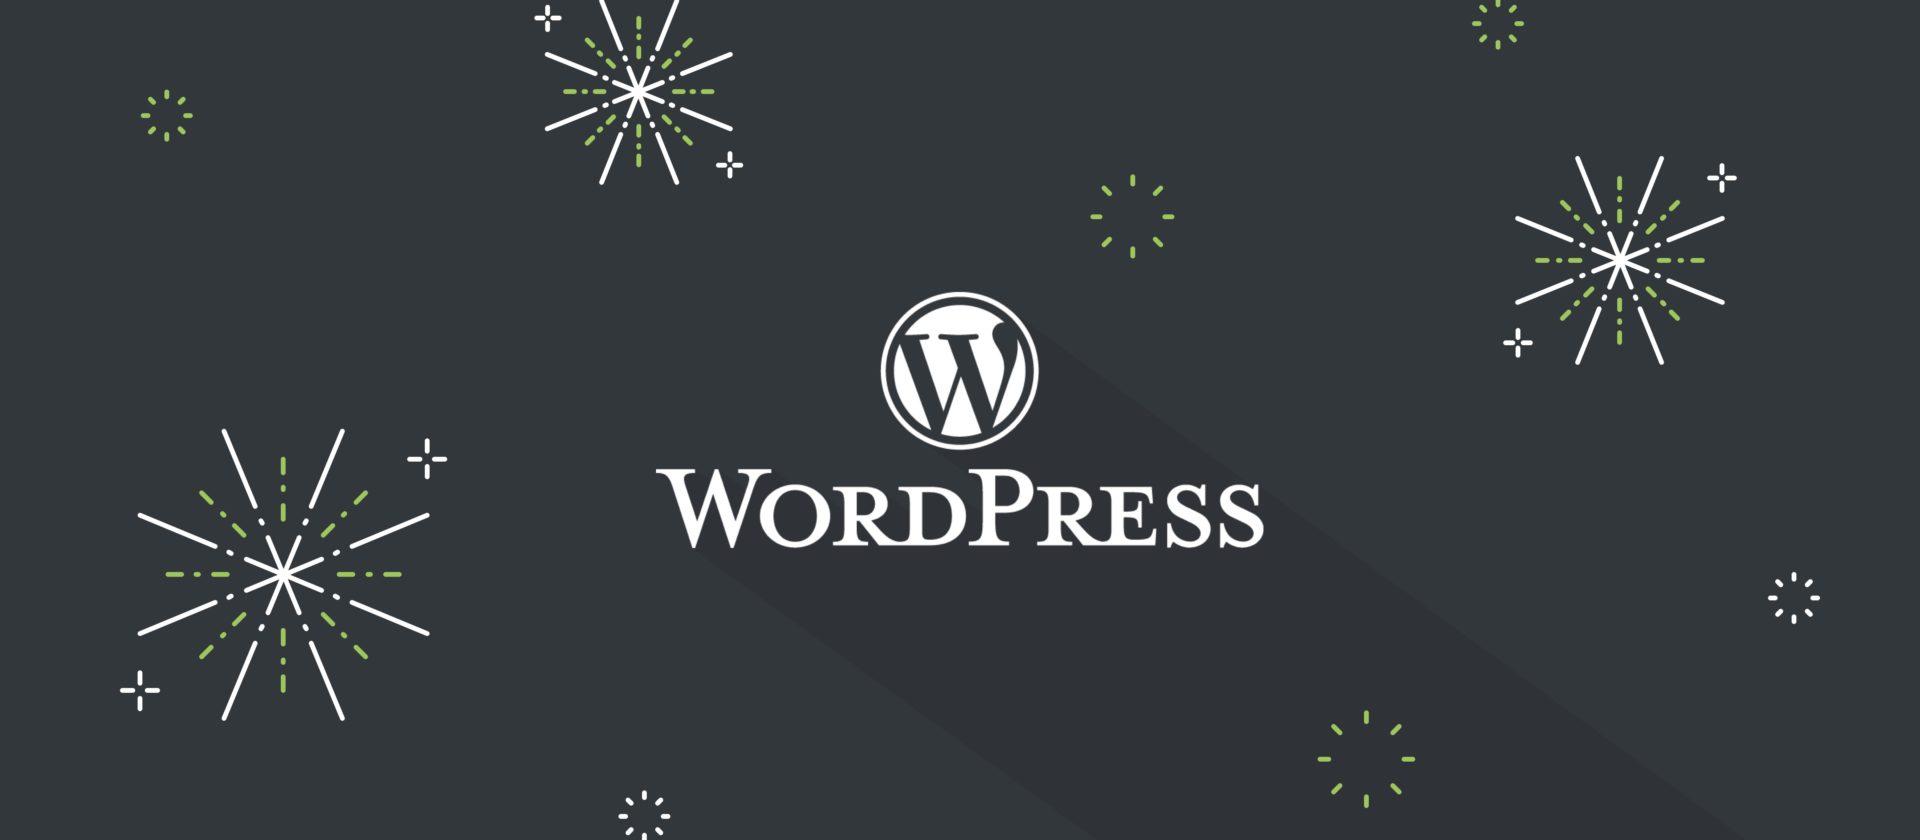 WordPress logo with firework